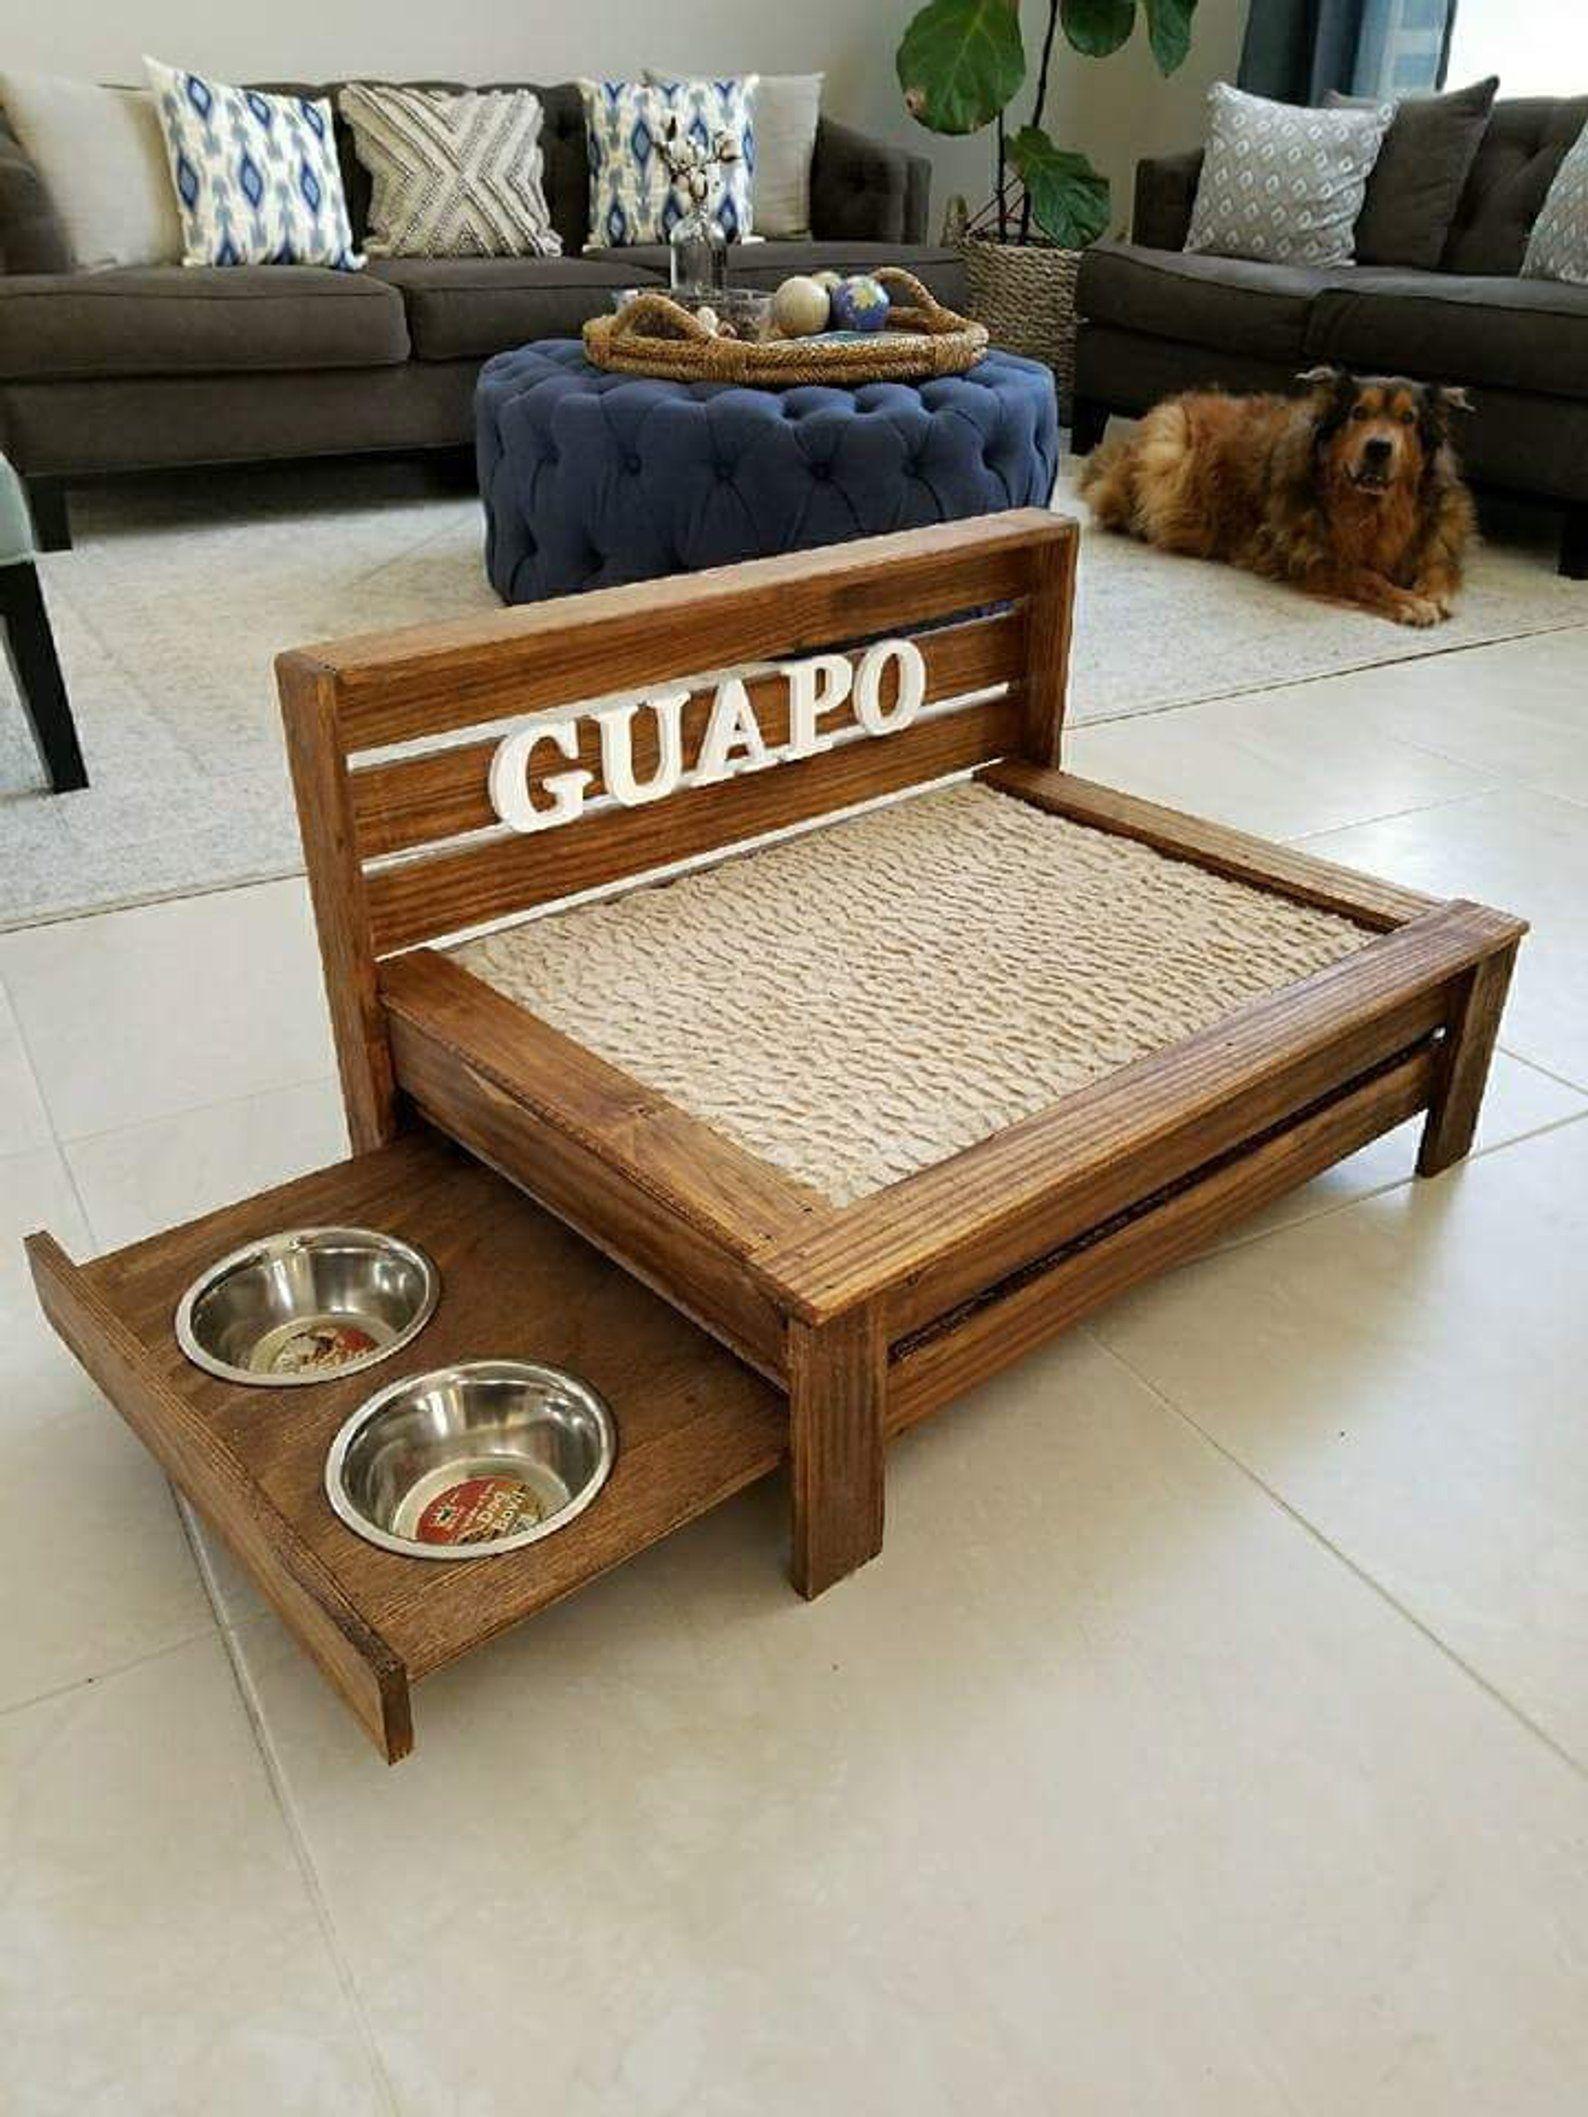 Cama de perro de madera rústica mediana con estación de